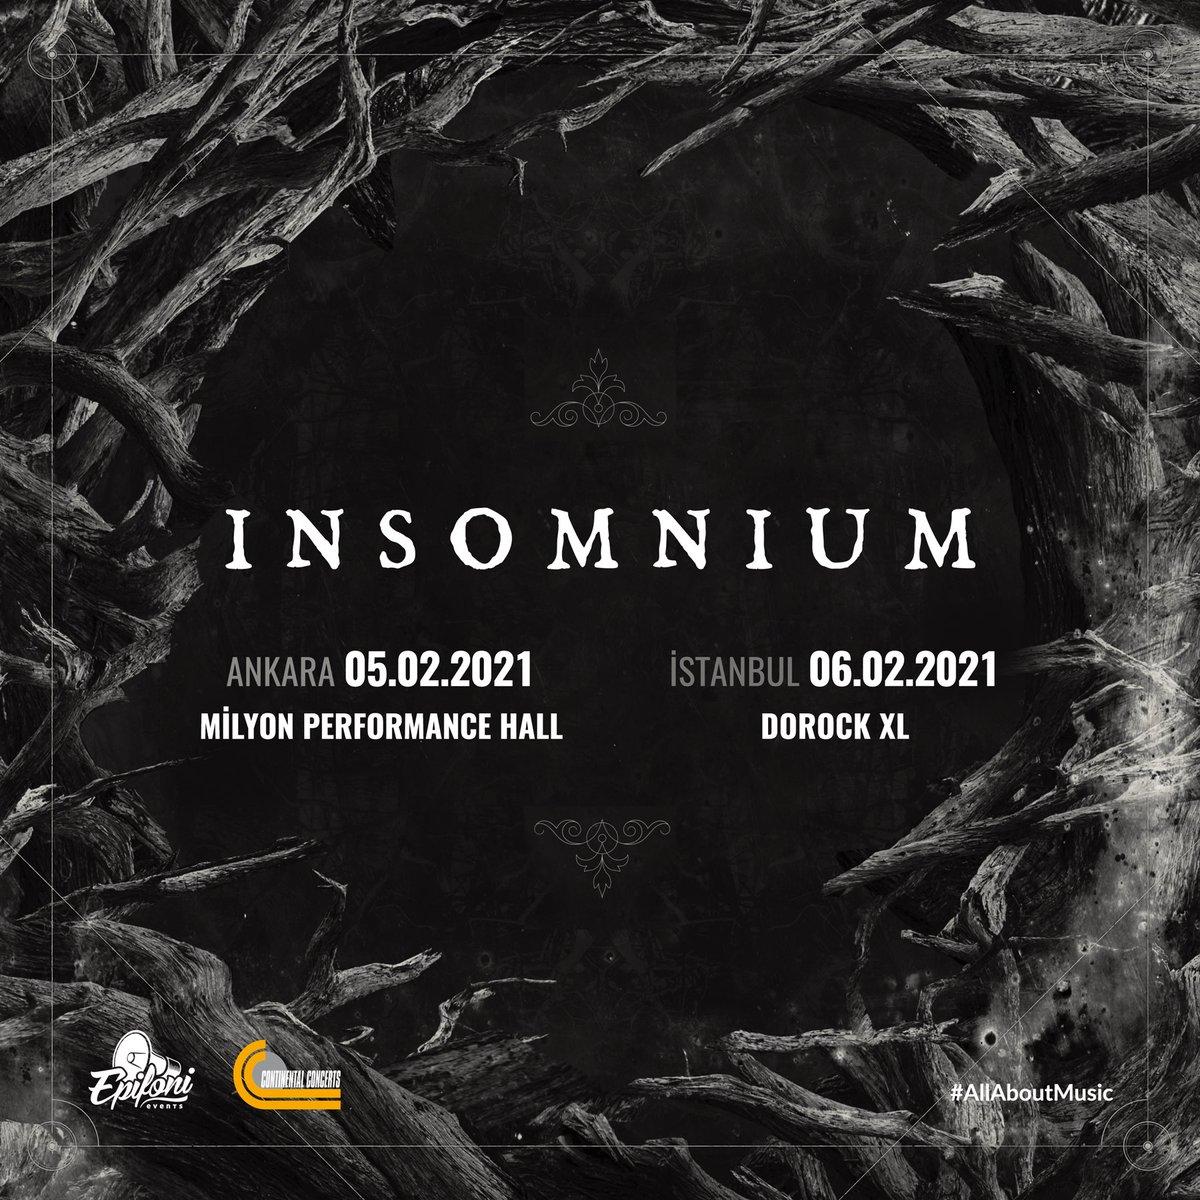 Fin melodik death metal grubu Insomnium ilk kez Türkiye'de!  Insomnium, 6 Şubat'ta Dorock XL sahnesinde! Biletler yakında Biletix ve Dorock XL gişelerinde.  #DorockXL #DorockXLKadıköy #Dorock #Insomnium https://t.co/NdmuwaAkbg